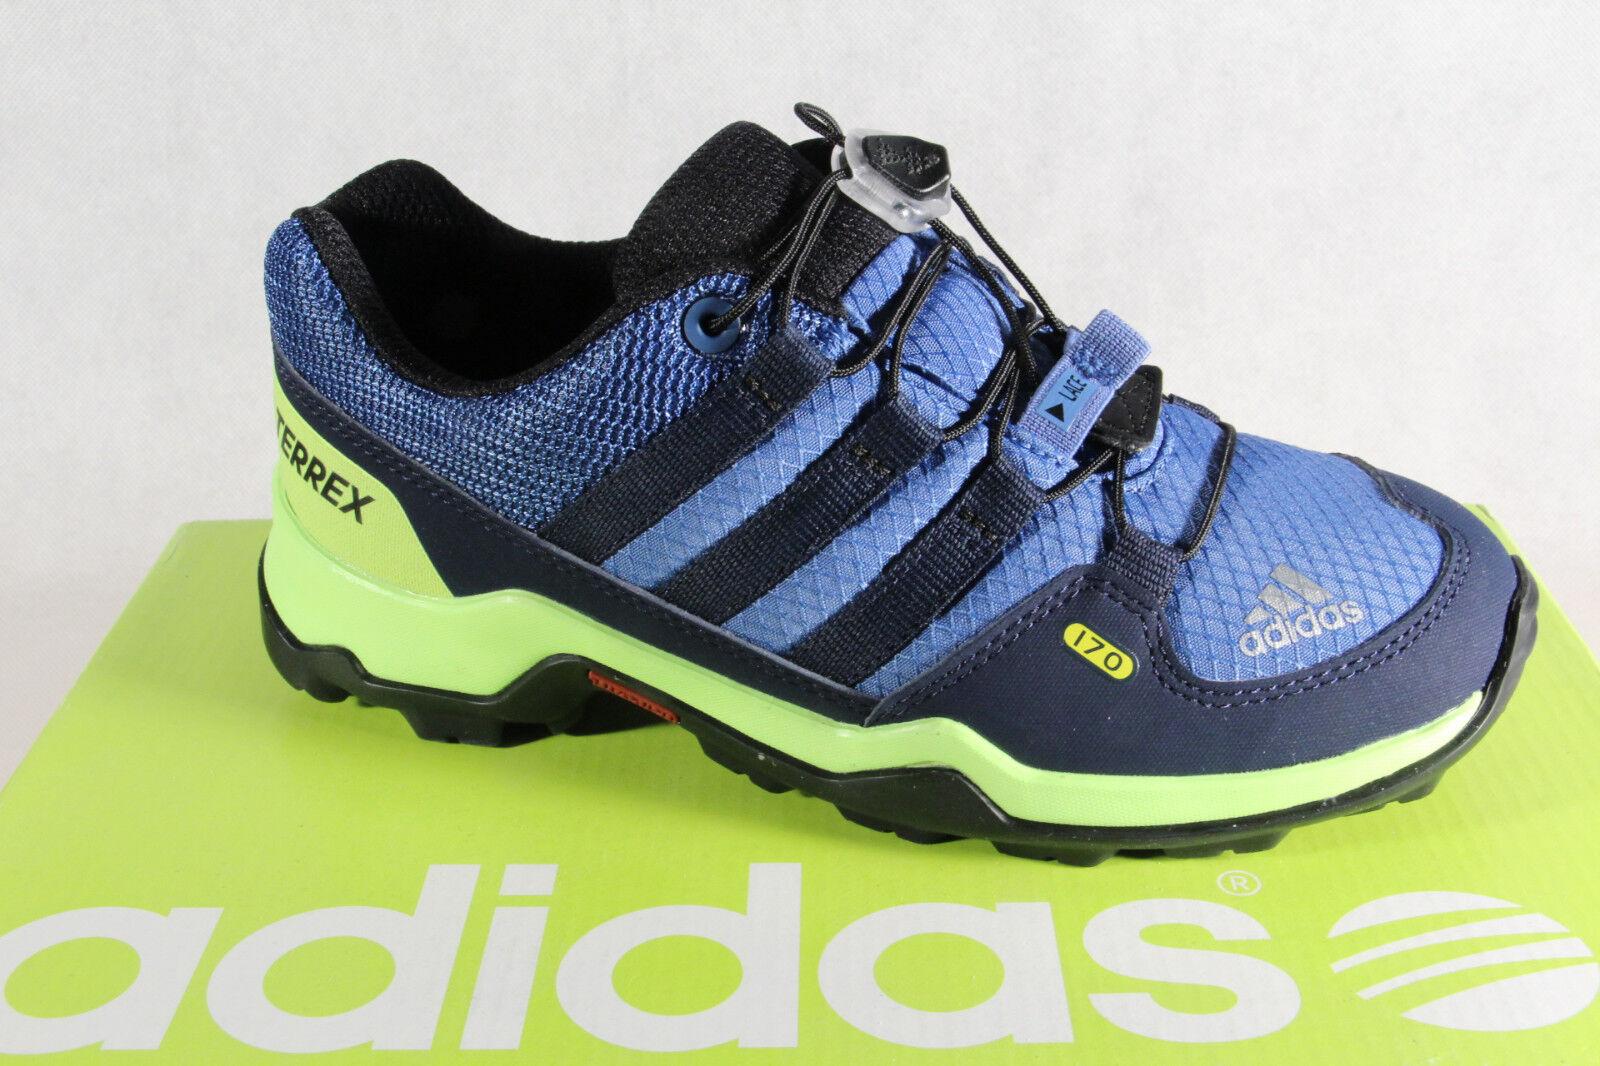 Adidas Terrex K Outdoorschuhe Wanderschuhe Sportschuhe blau grün NEU!